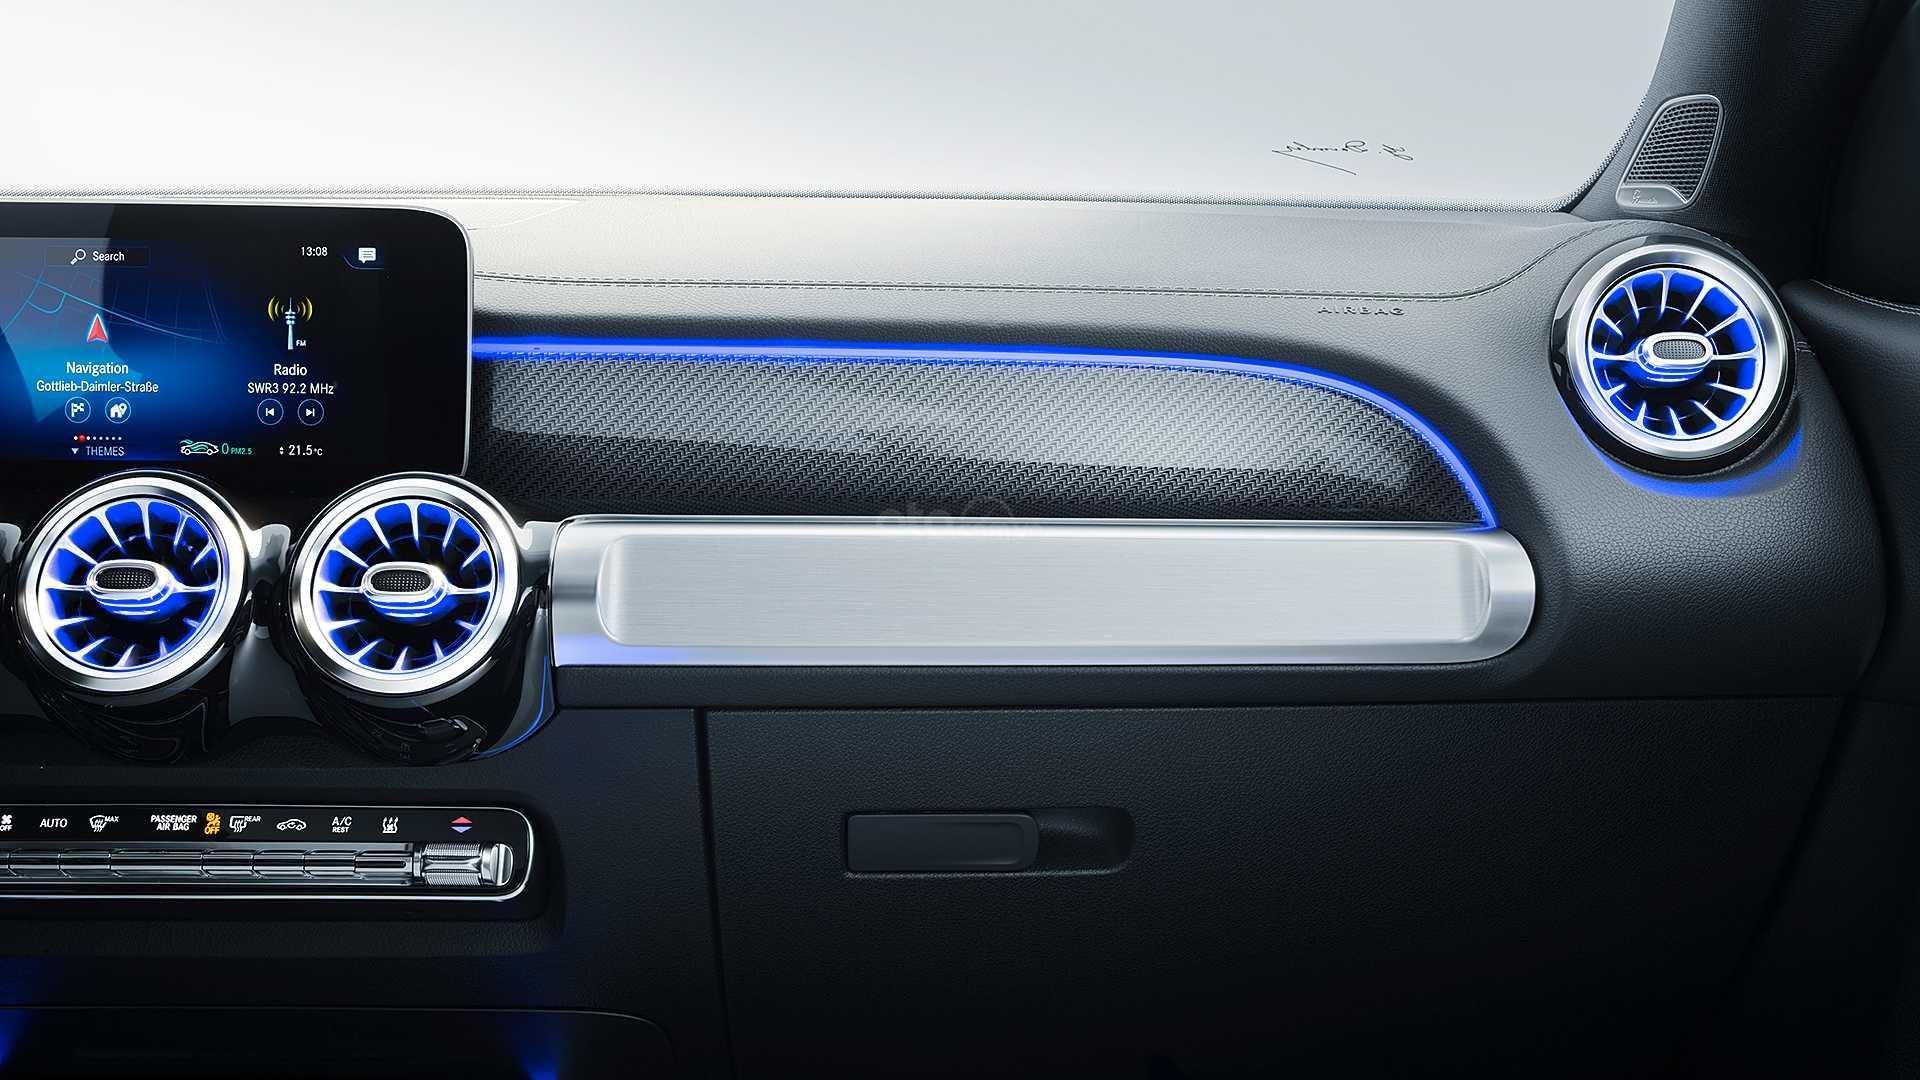 Bảng điều khiển trung tâm Mercedes-Benz GLB-Class 2020